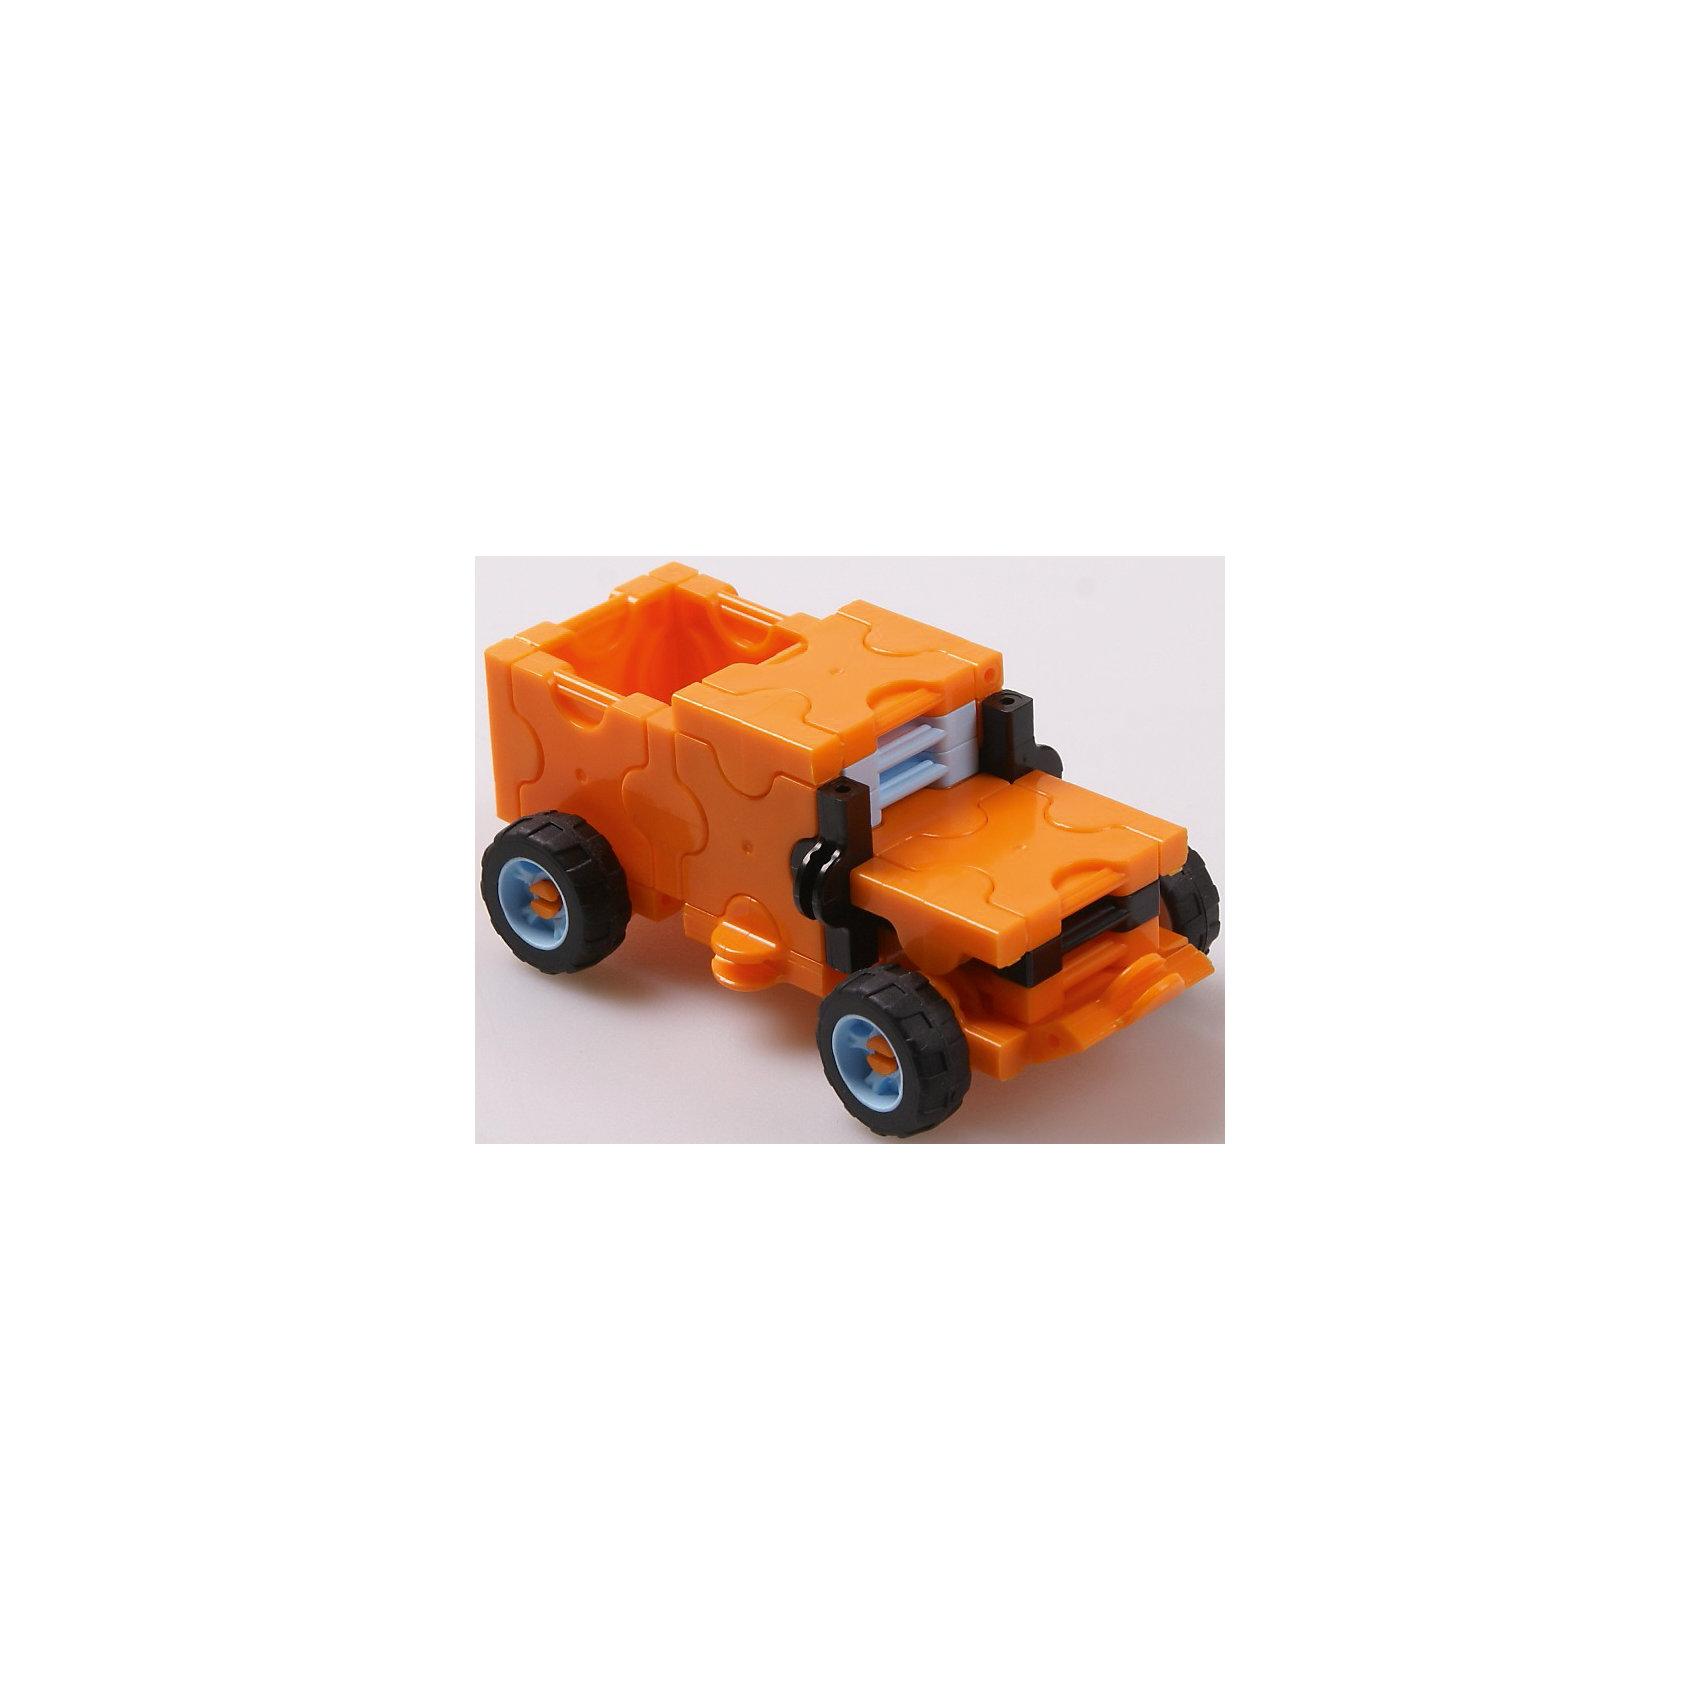 Конструктор Автомобиль Рыжик, AVToysСоберите мини-модель автомобиля и дойти до финиша первым! Автомобиль собирается из пластмассовых деталей. Все детали выполнены из высококачественного пластика. Набор конструктора идеально подходит для юных проектировщиков. В процессе игры у детей развивается трёхмерное мышление, фантазия и воображение и в полной мере раскрывается творческий потенциал, который пригодится им для принятия сложных решений в дальнейшей жизни. Вместе с игрушкой прилагаются пошаговые иллюстрированные инструкции по сборке автомобиля, которым очень легко следовать.<br><br>Дополнительная информация:<br><br>Количество деталей: 45 шт<br>Состав: высококачественный АБС пластик, полиэтилен высокого давления.<br>Соответствует: ТР ТС № 008/2011, ГОСТ 25779-90, ТУ 9630–001–37183455–2013<br><br>Конструктор Автомобиль Рыжик, AVToys можно купить в нашем магазине.<br><br>Ширина мм: 950<br>Глубина мм: 700<br>Высота мм: 400<br>Вес г: 460<br>Возраст от месяцев: 72<br>Возраст до месяцев: 120<br>Пол: Мужской<br>Возраст: Детский<br>SKU: 4406364